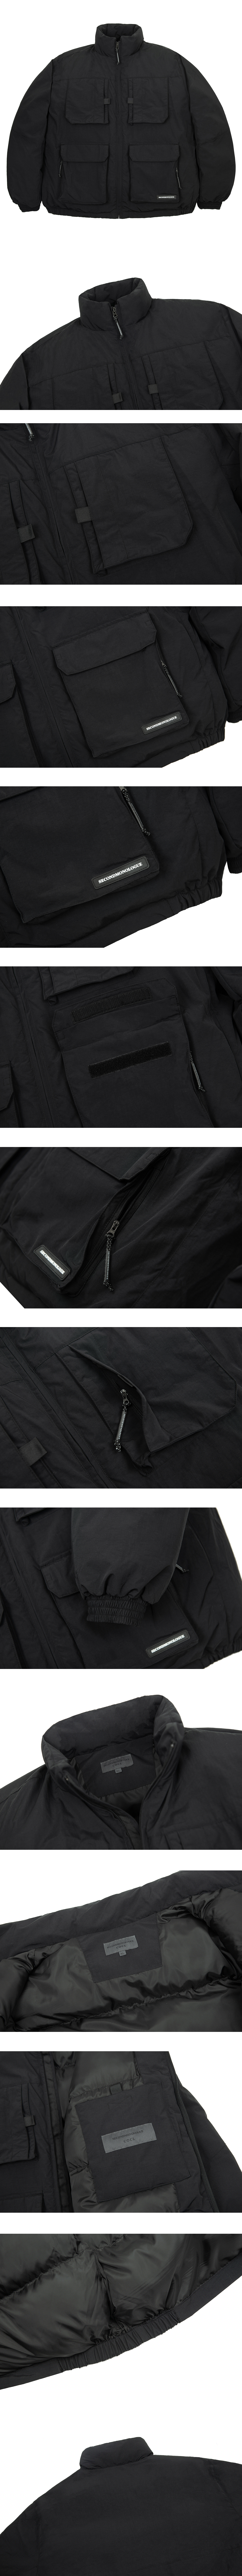 커스텀어클락(COSTUME O'CLOCK) 컨템포러리 에어 포스 패딩 2 블랙